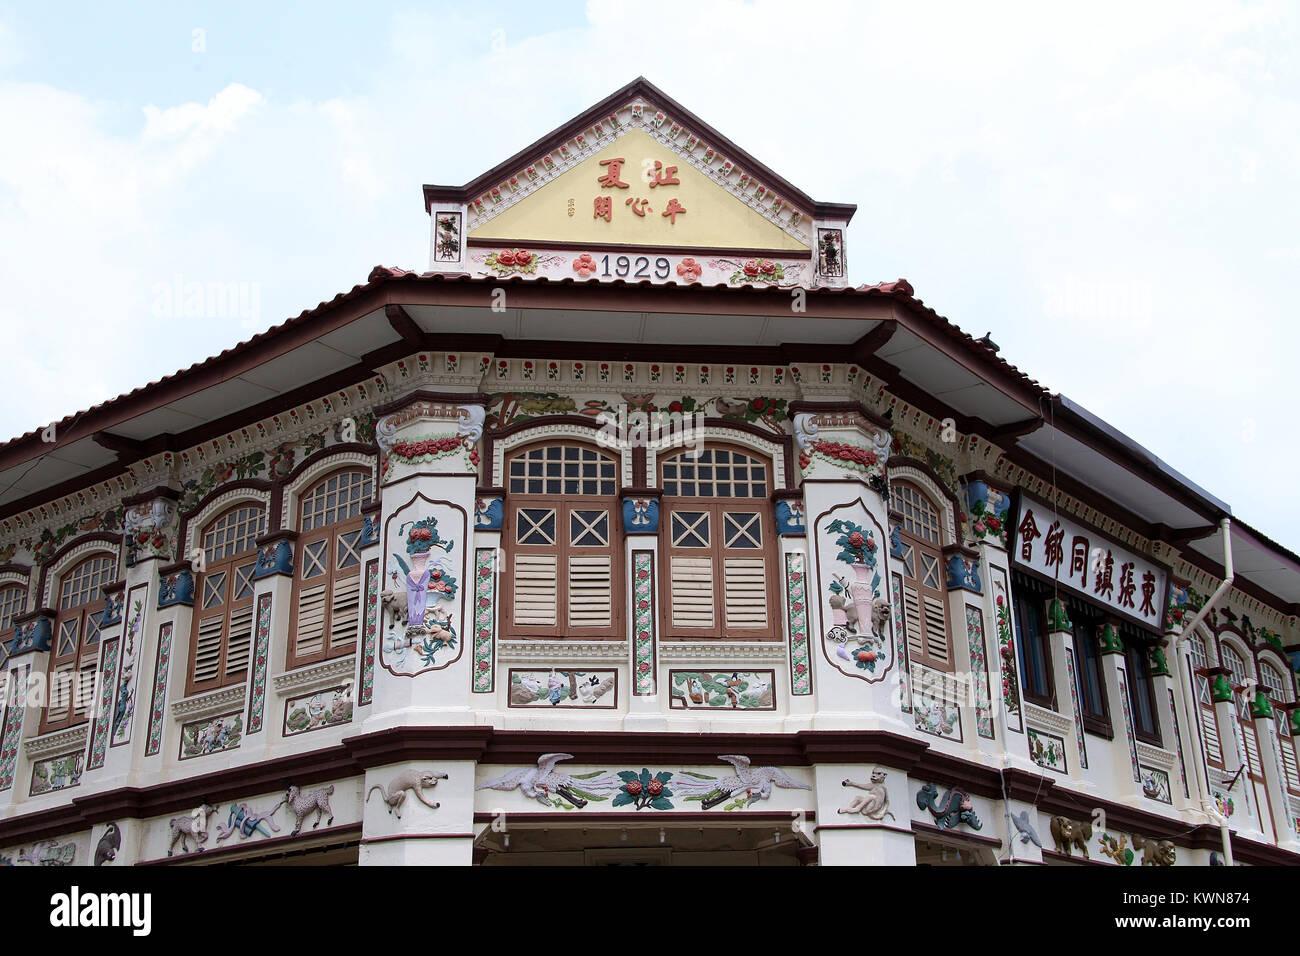 Kang Ha Pheng Sim Kok Peranakan building in Singapore - Stock Image